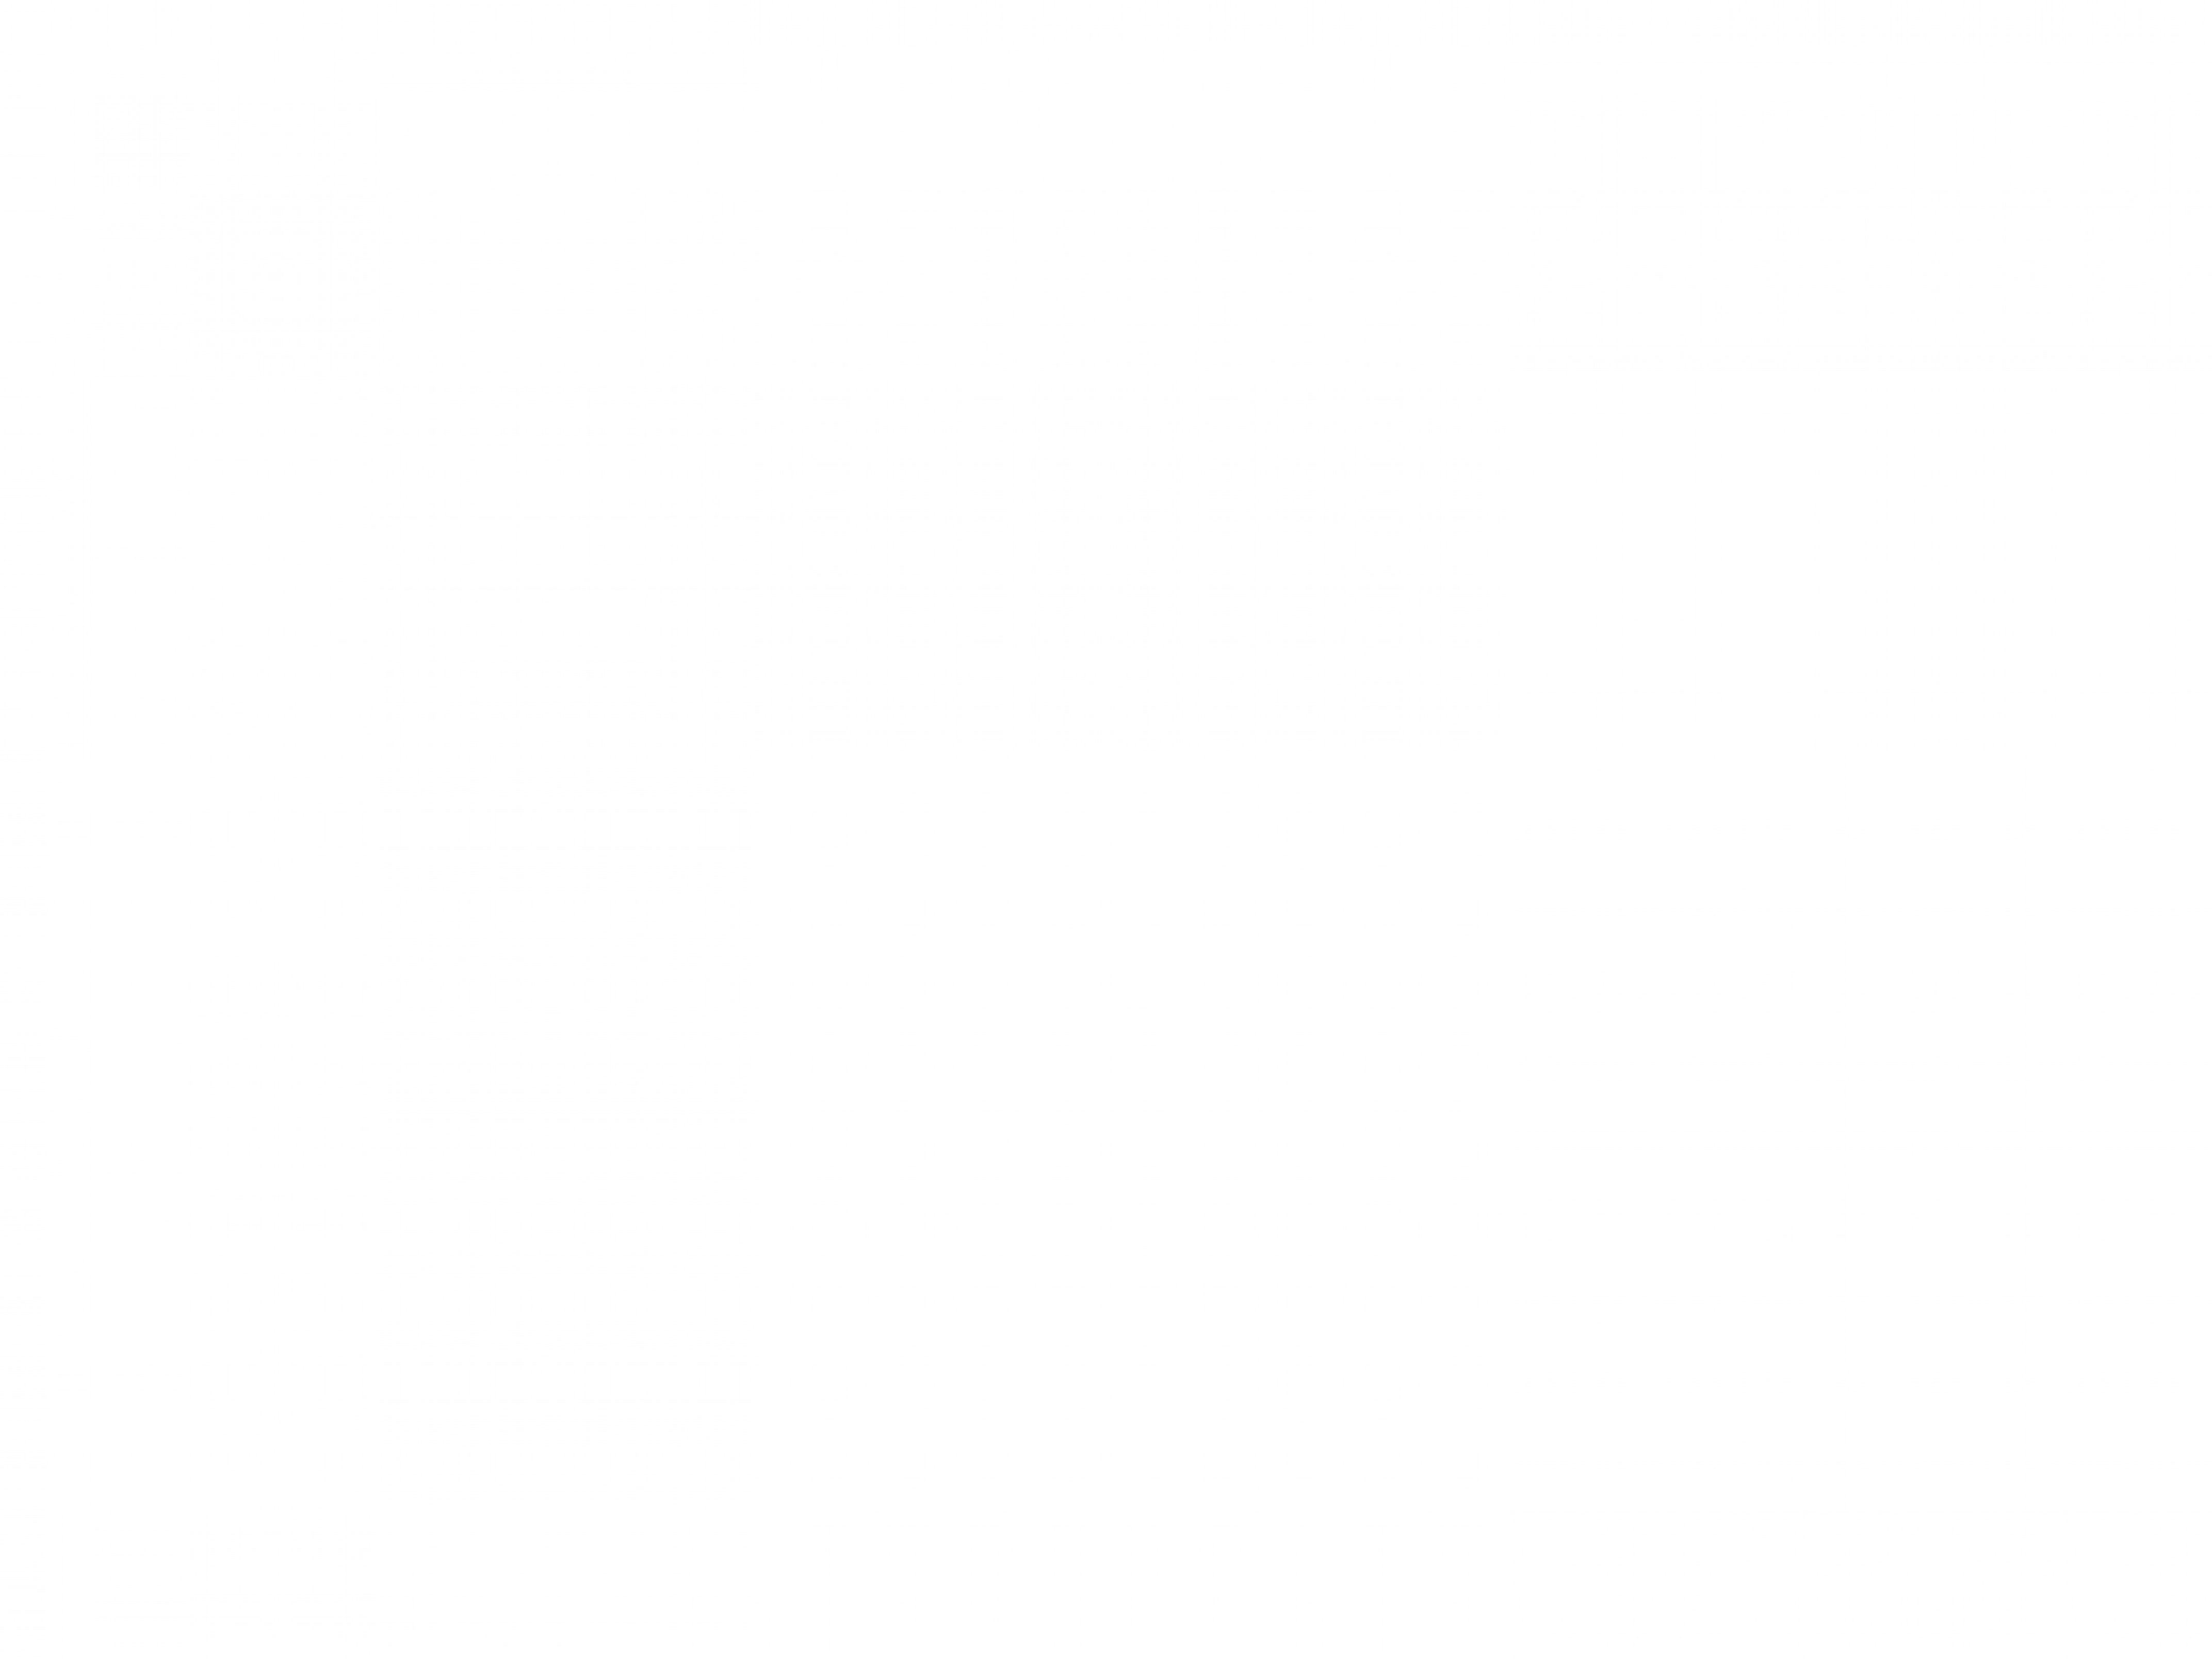 DSCF5442